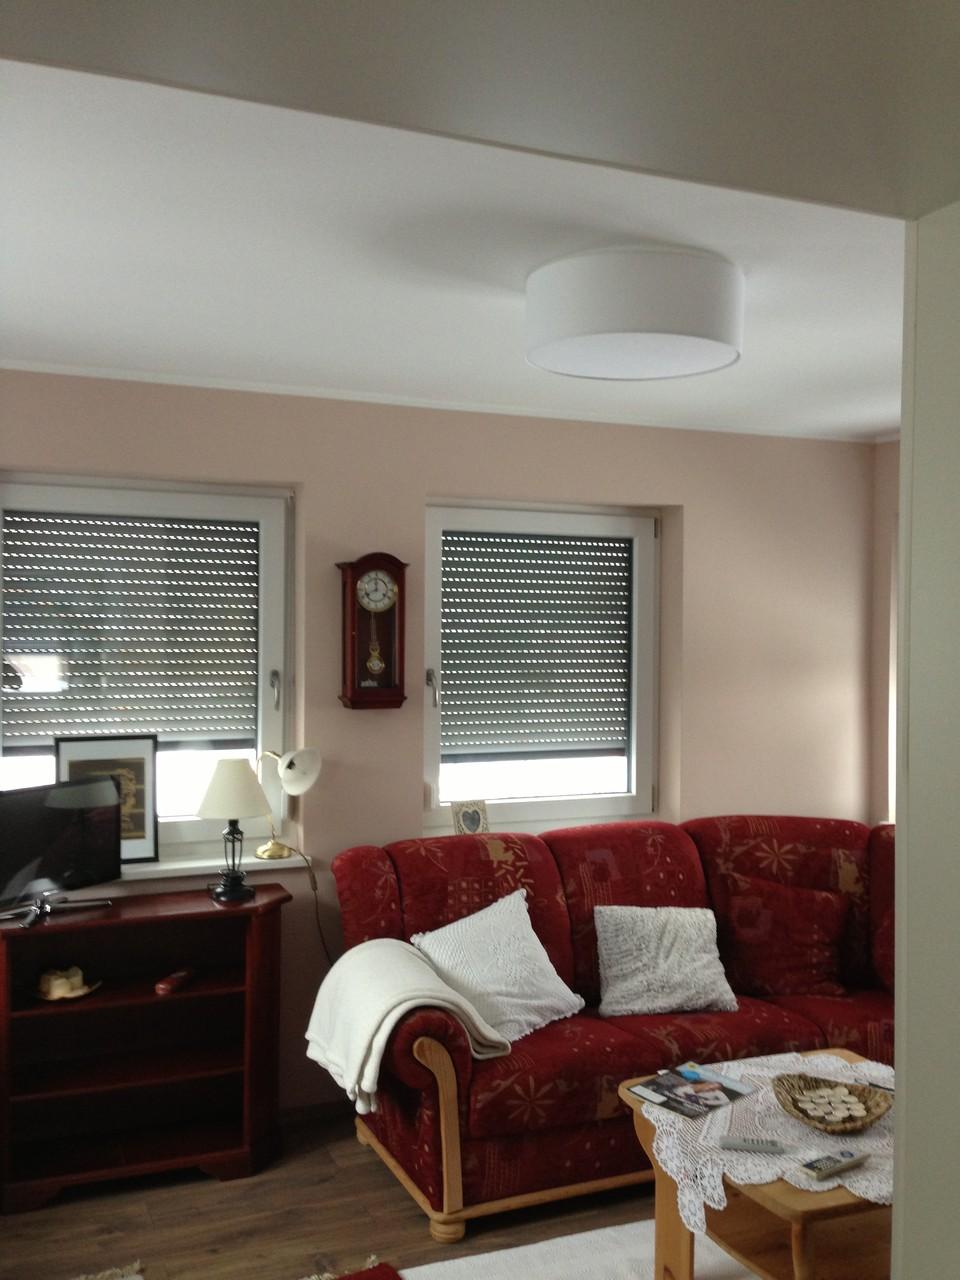 Decke uas Betonelementen vollflöchig spachteln, Wände vollflächig spachteln, malen in zweifärbiger Ausführung